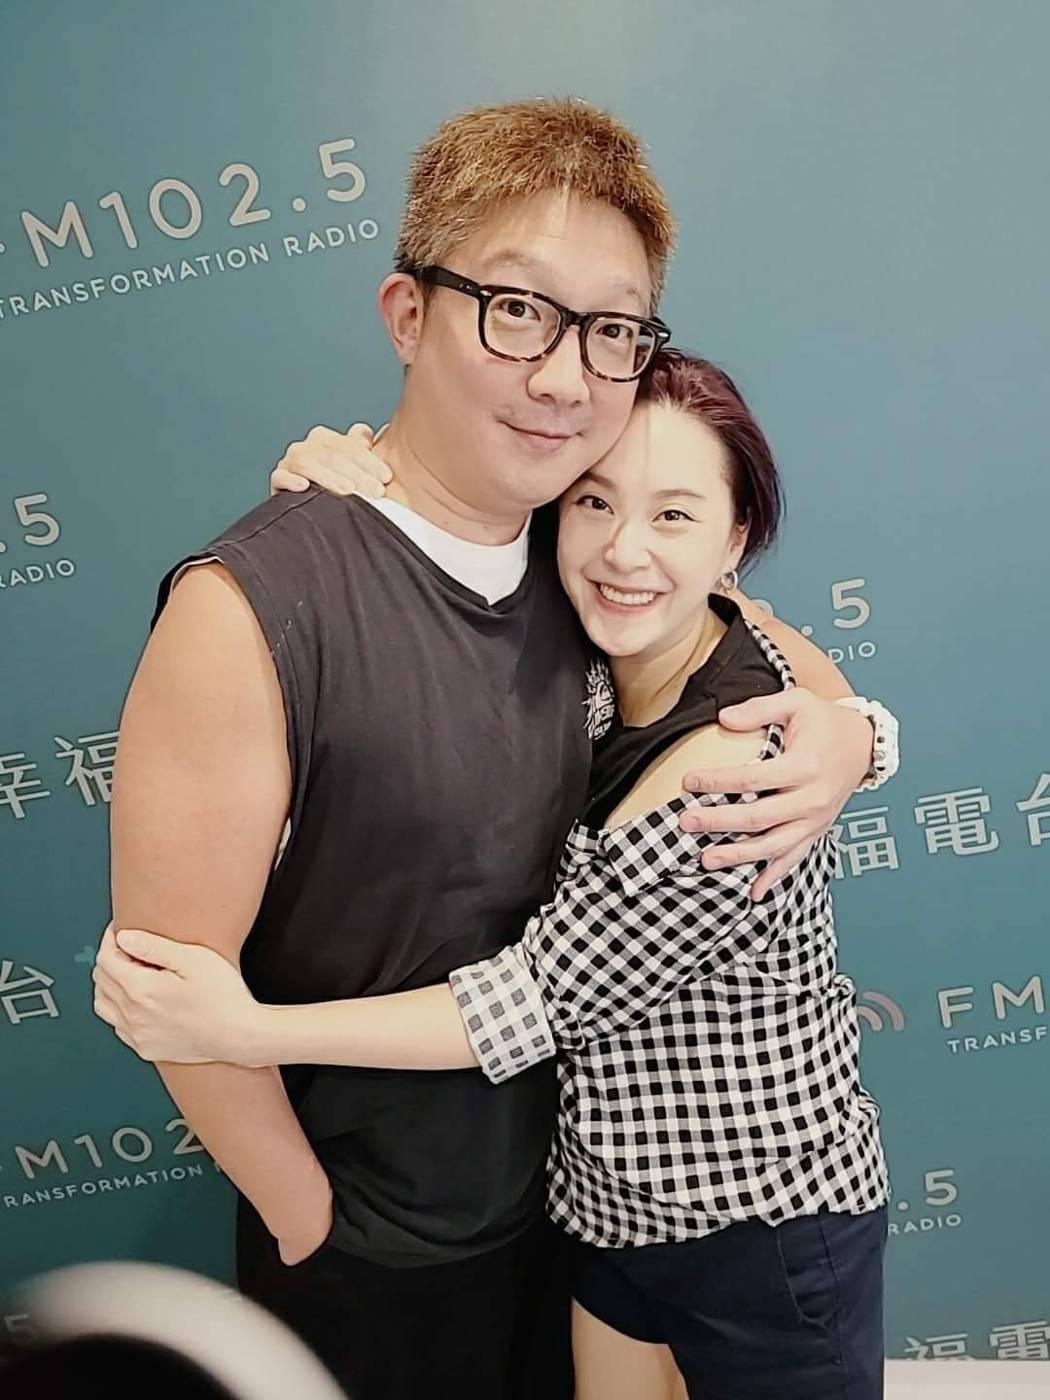 黃小柔走入婚姻後反而更愛老公。圖/摘自臉書